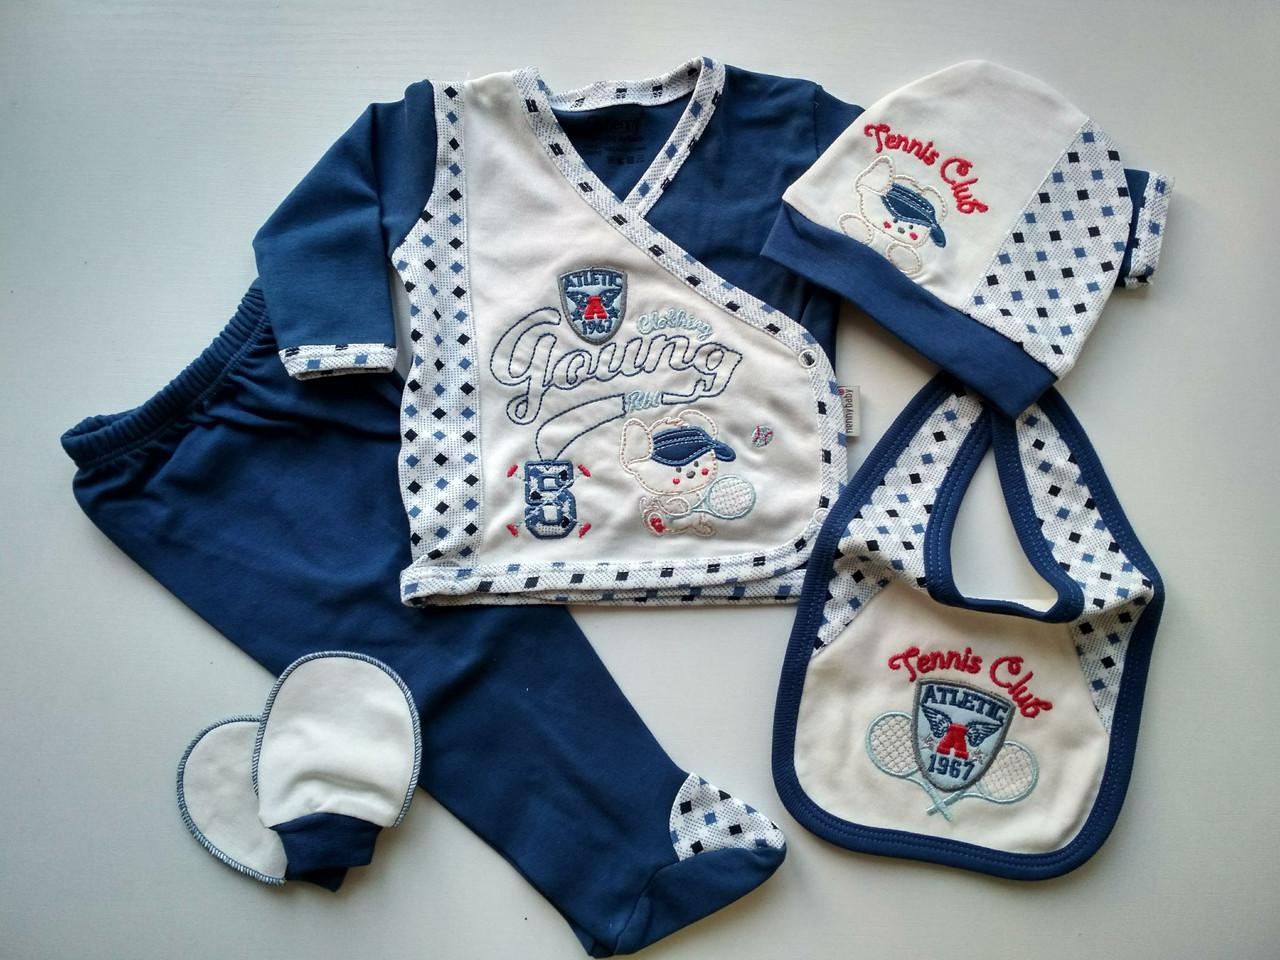 f79397003ddb Купить Подарочный набор на выписку Yong в интернет магазине Cheeky-Chimp. Детская  одежда по оптовым ценам